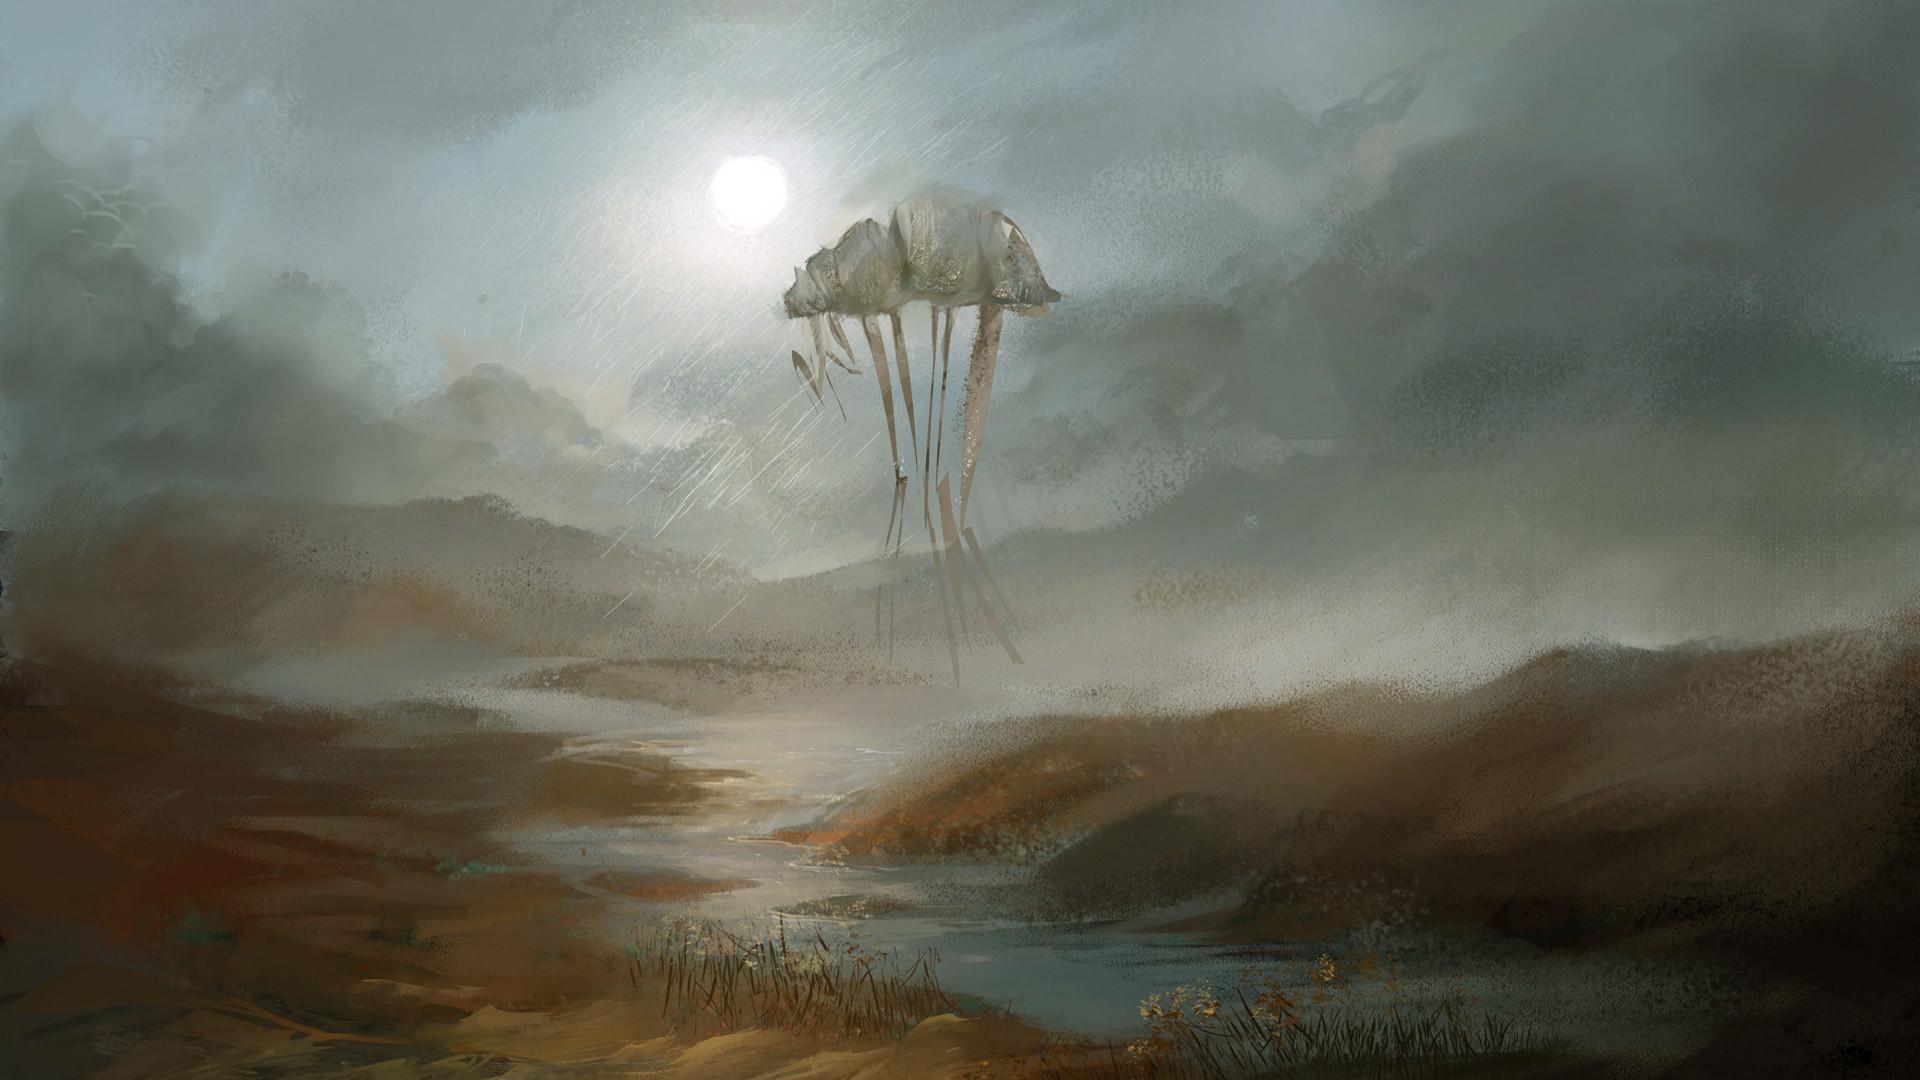 Free The Elder Scrolls III: Morrowind Wallpaper in 1920×1080